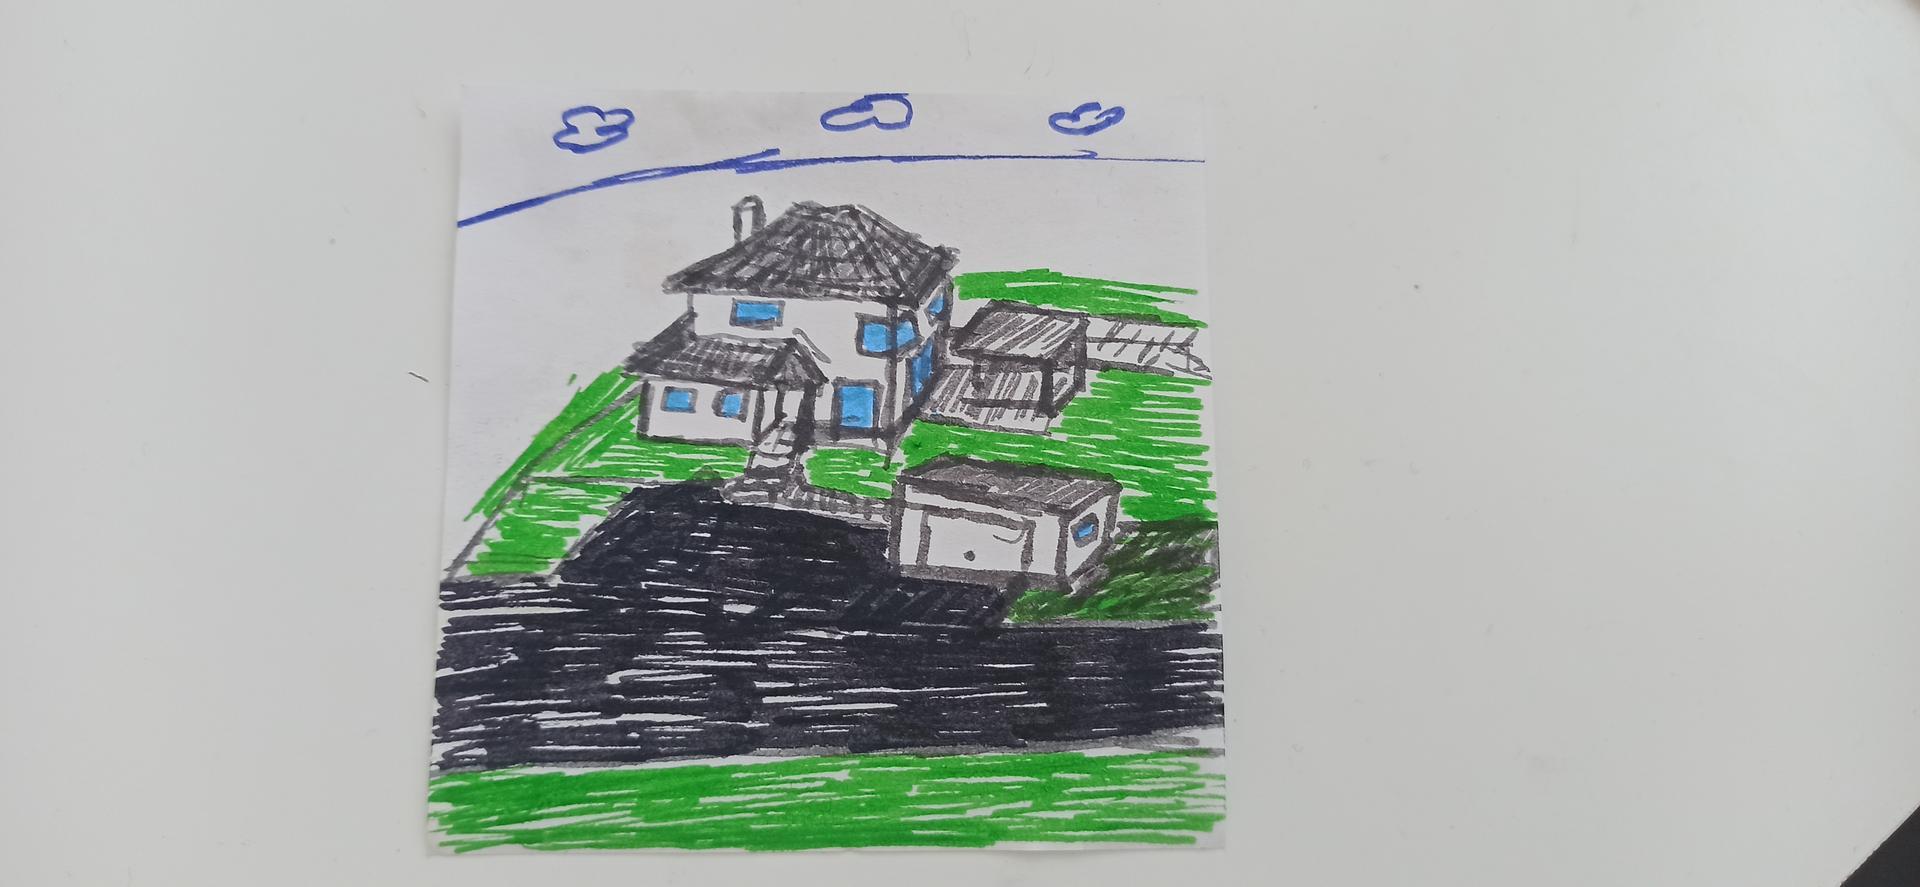 Náš domček ❤️🏡 - Manželov výtvor. Dokreslil projekt garáže aj altánku pri dome. Ale je šikovný 😊 hneď si to viem lepšie prestaviť.